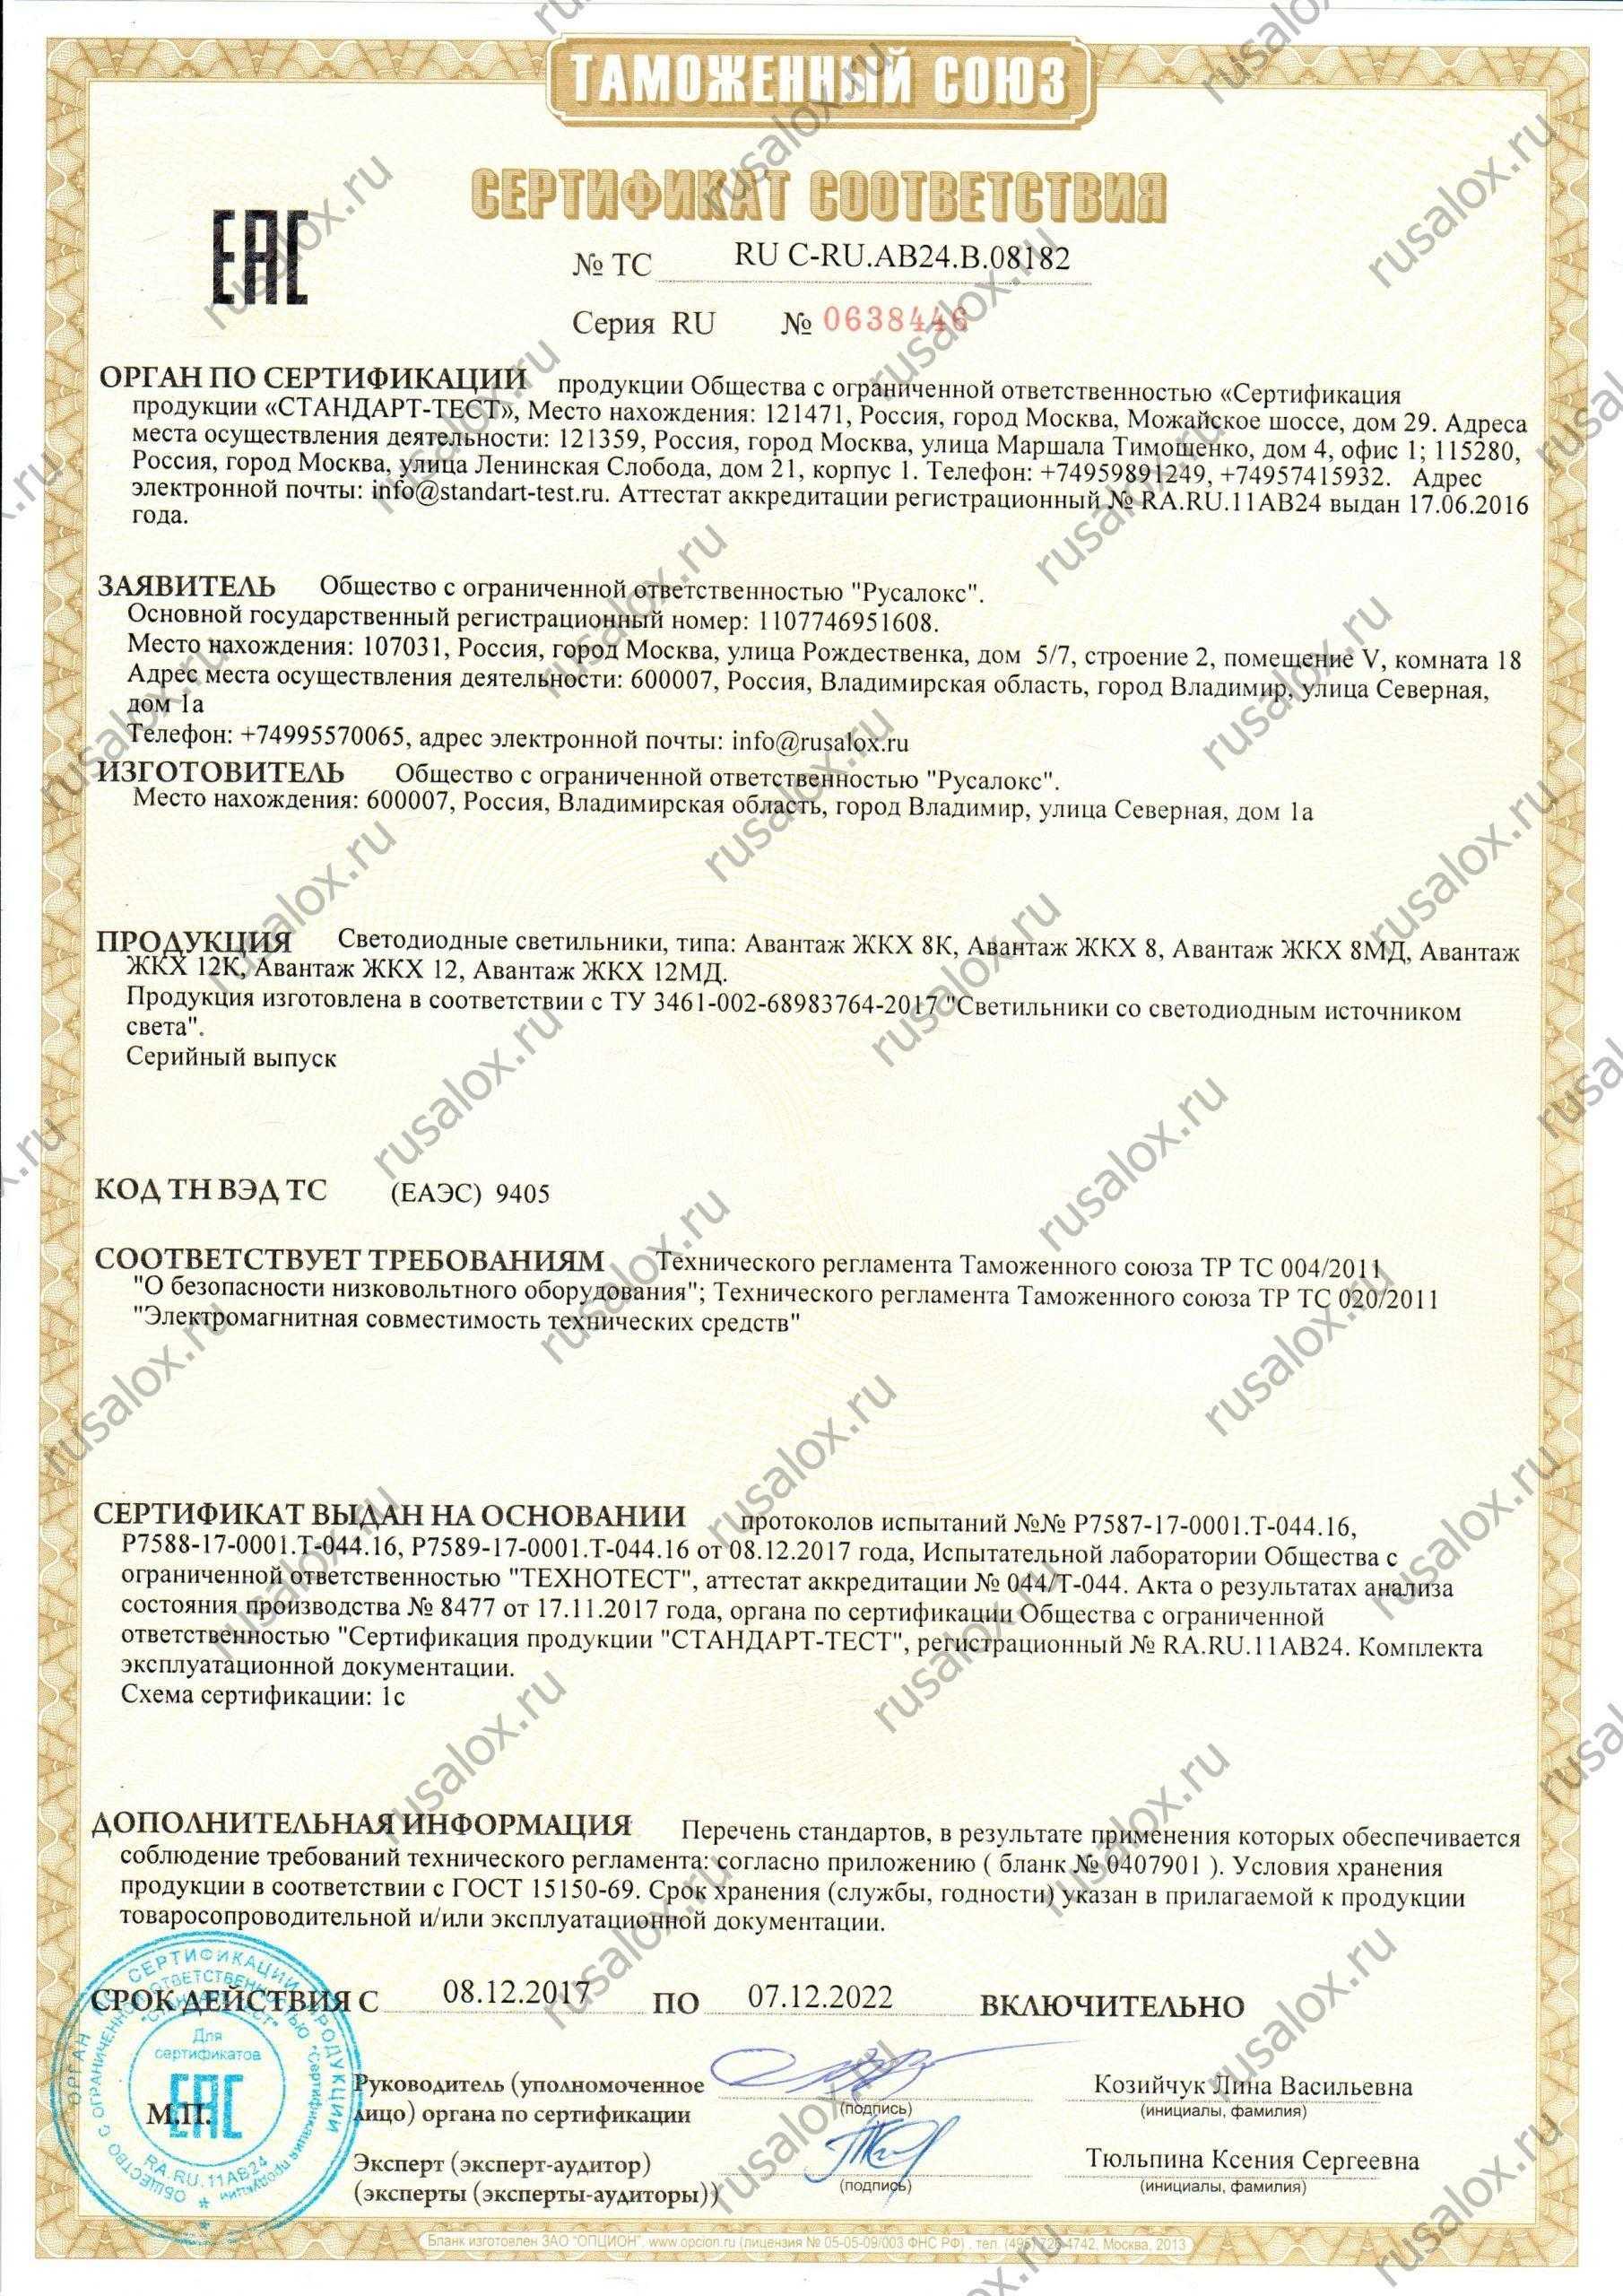 Сертификат соответствия светодиодных светильников серии Авантаж ЖКХ